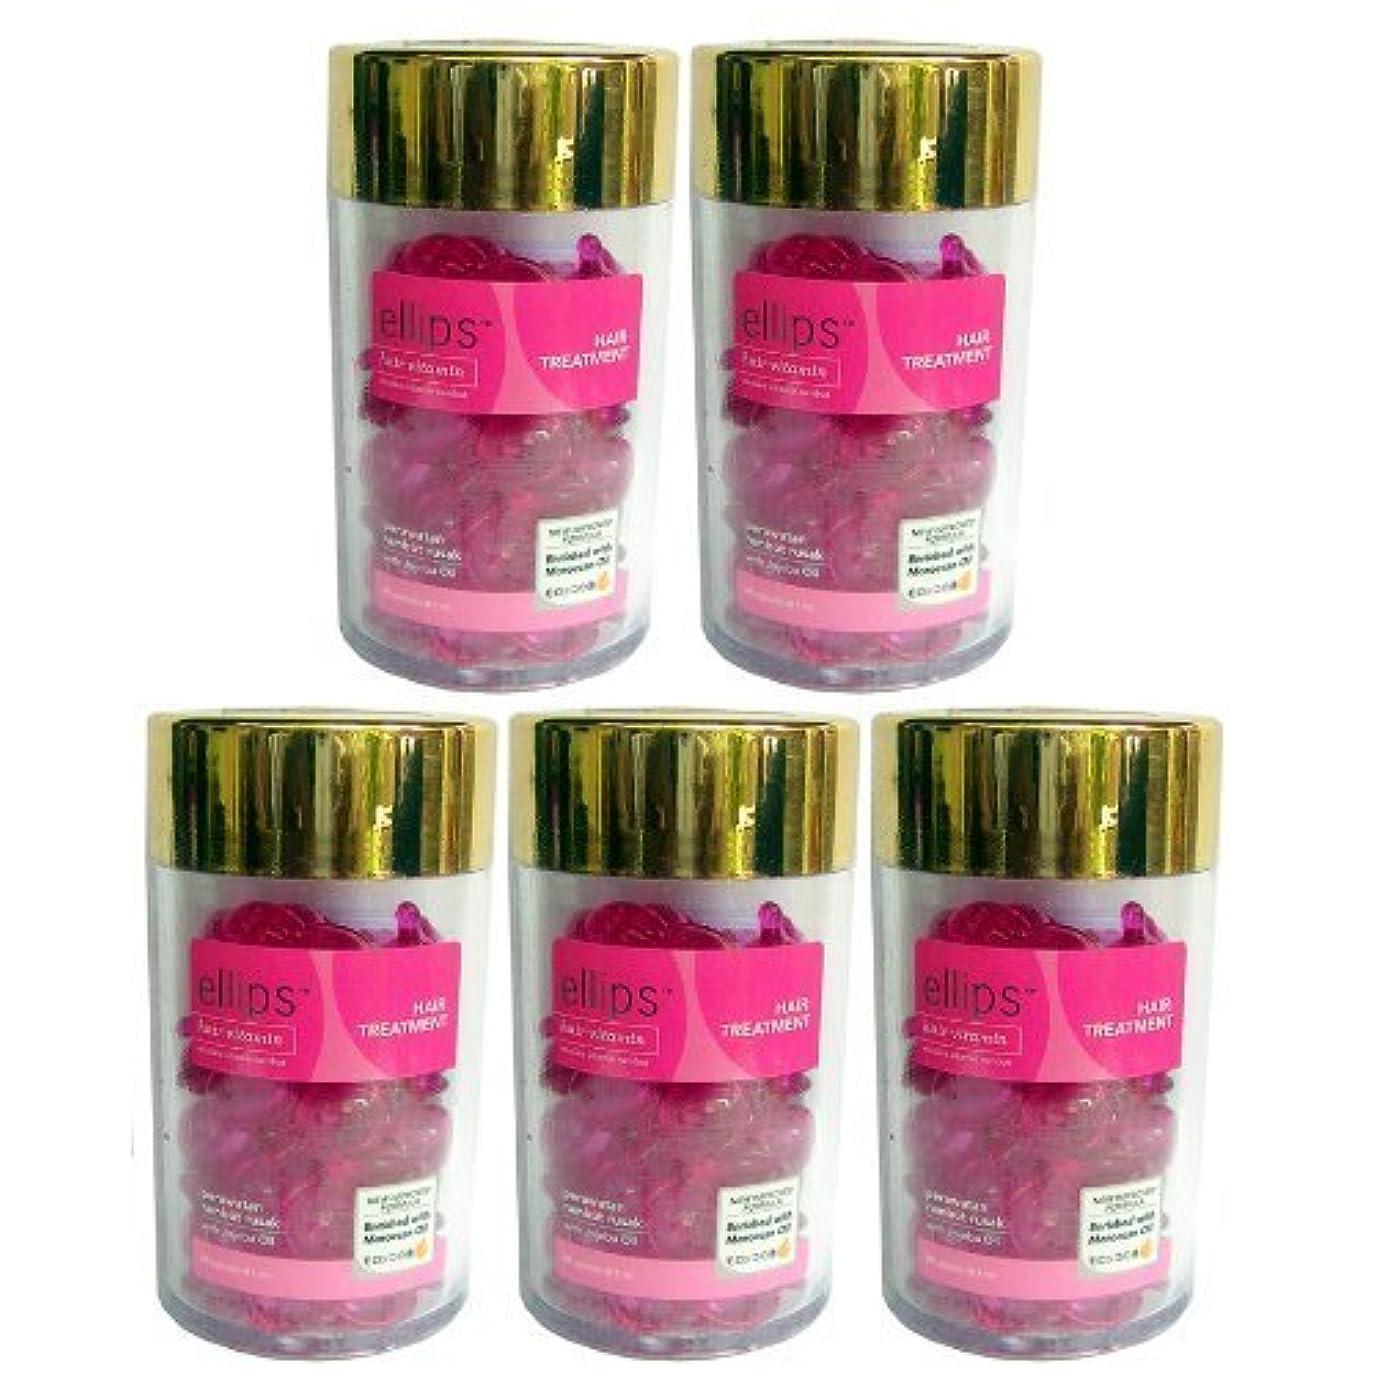 騒ぎストッキングマイルストーンエリプス(Ellips) ヘアビタミン(50粒入)5個セット ピンク [海外直送品] [並行輸入品]